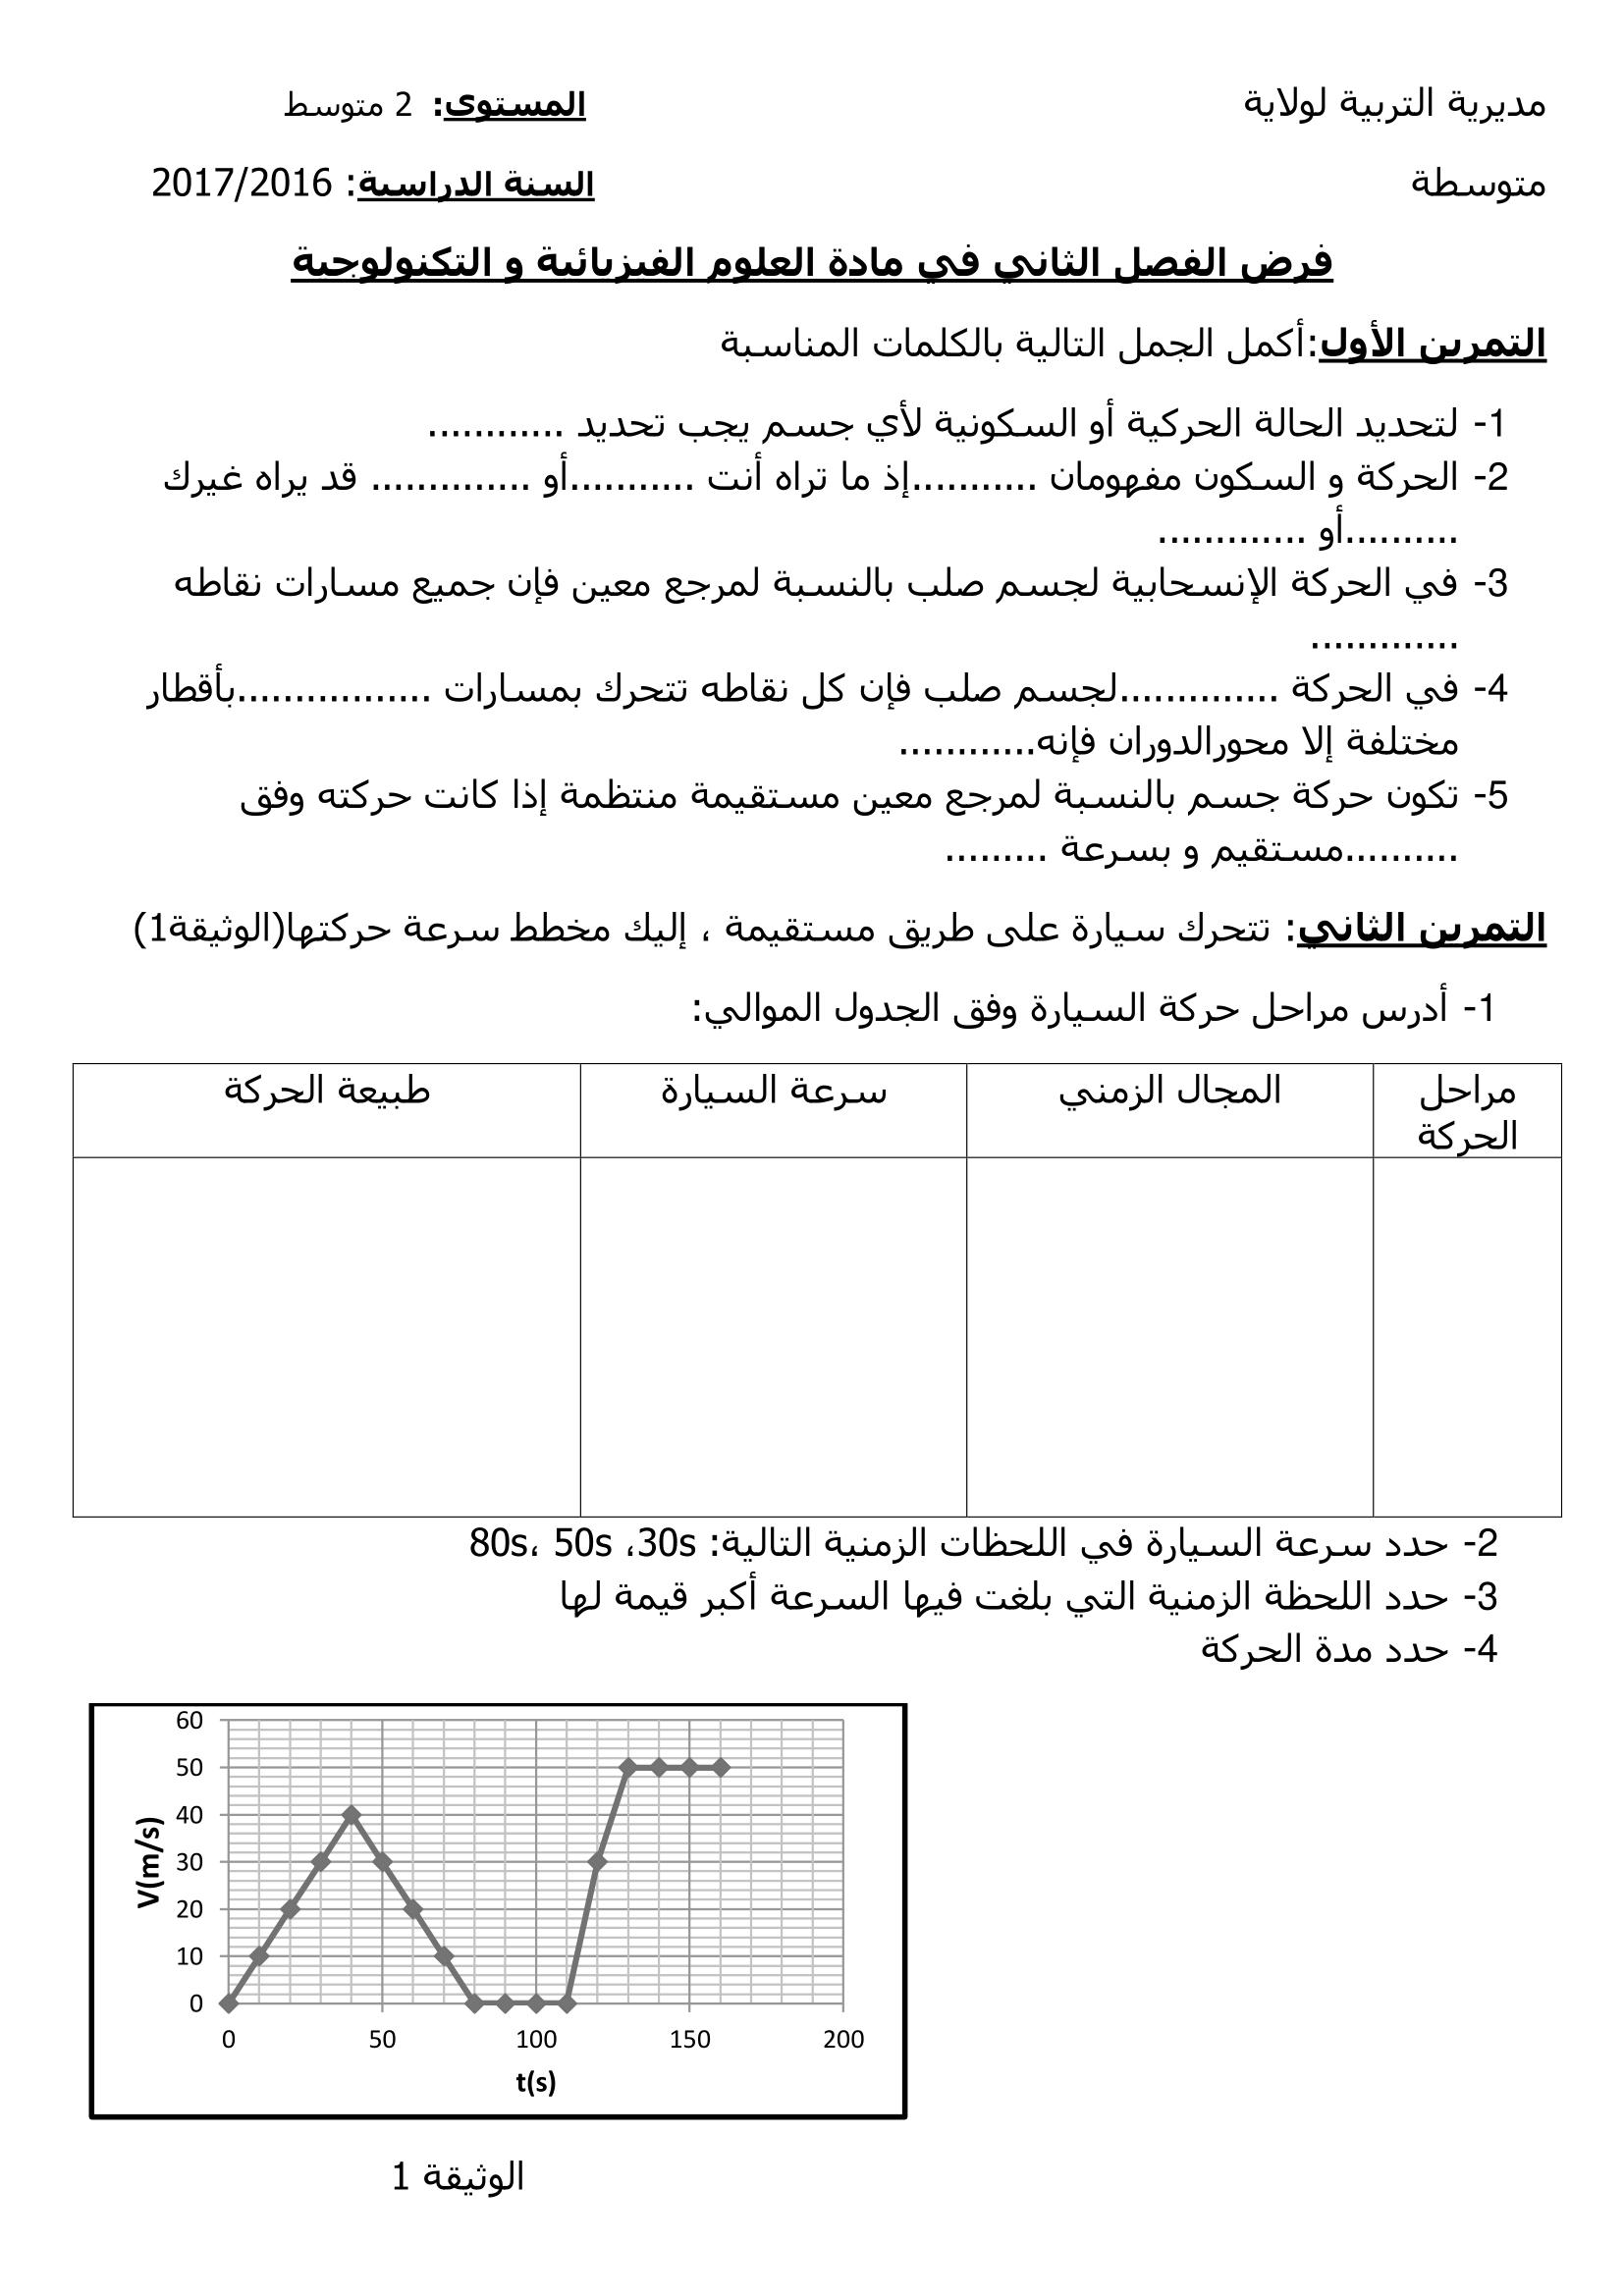 فروض و اختبارات السنة الثانية متوسط مادة العلوم الفيزيائية الفصل الثاني 2016 2017 النموذج 04 Physics Exam Math